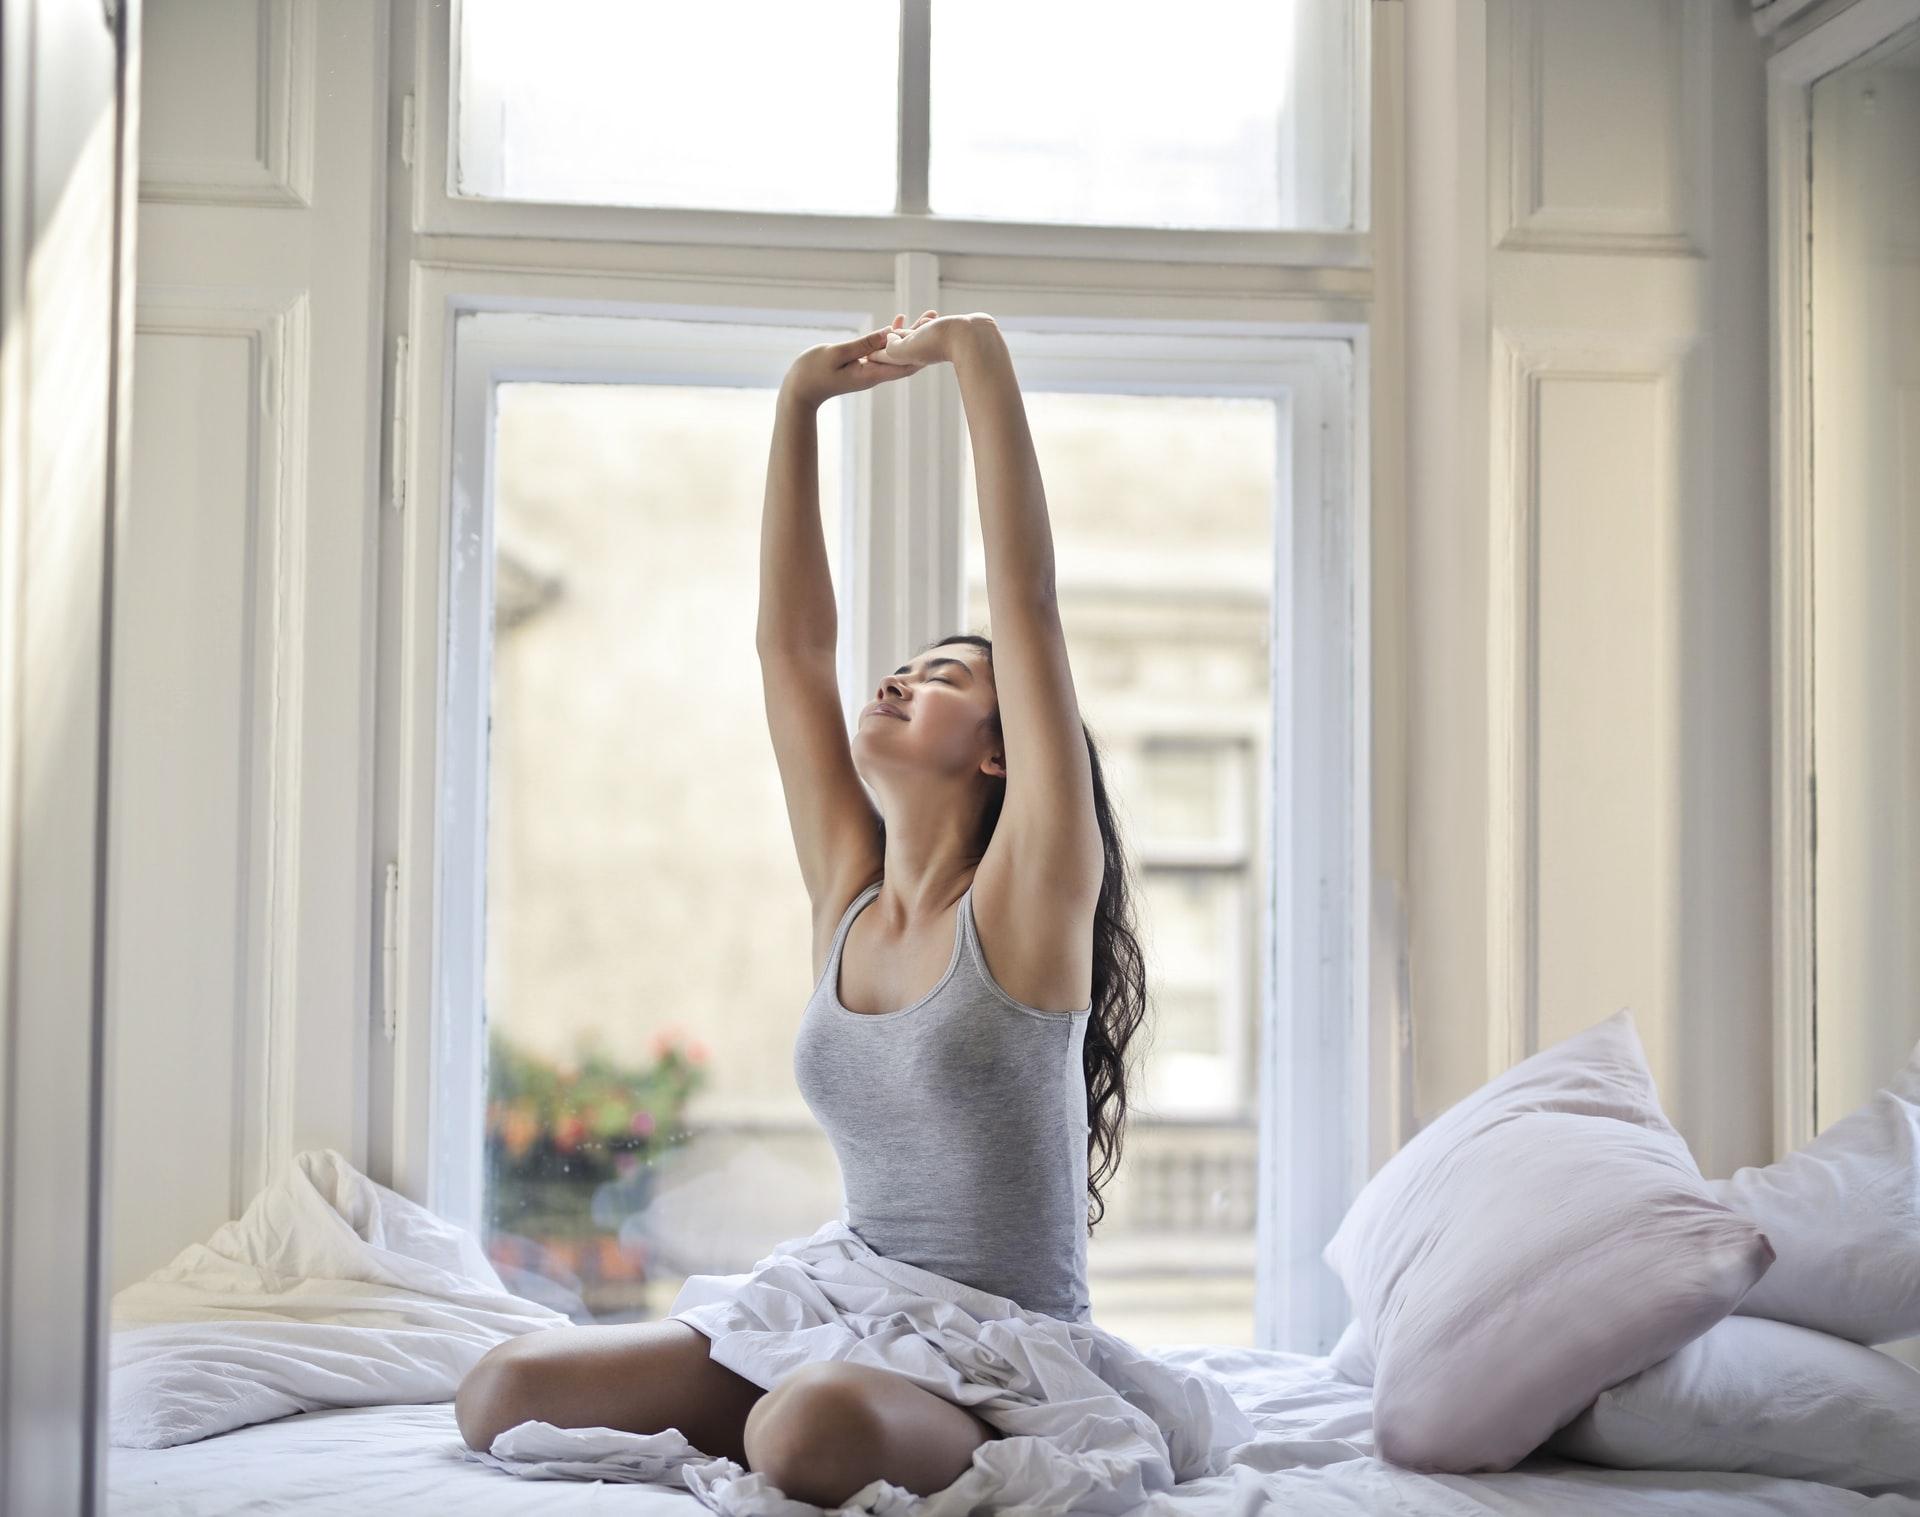 Îmbrățișează-perspectiva-asta-ca-să-ai-o-viață-mai-bună-e-inspirată-dintr-o-lecție-de-yoga_fată-care-se-întinde-după-somn